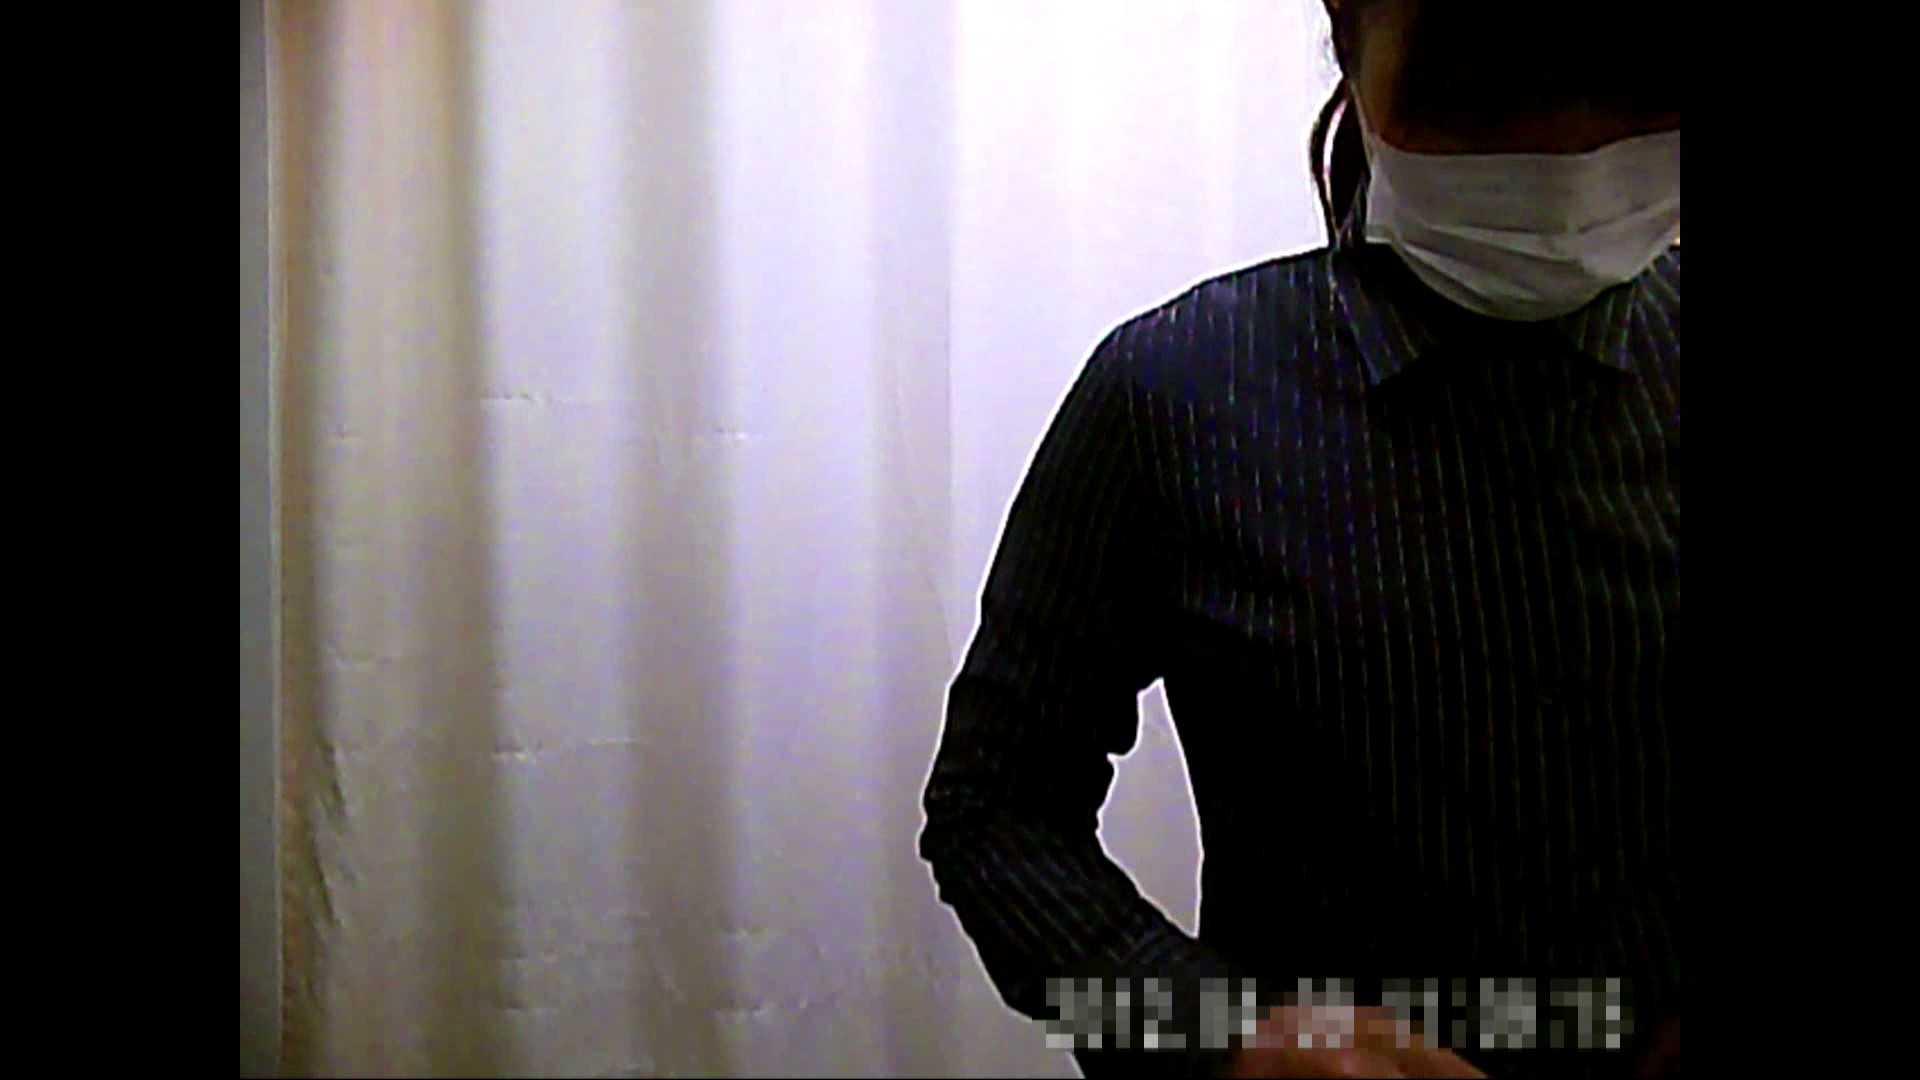 元医者による反抗 更衣室地獄絵巻 vol.020 OLハメ撮り  69Pix 12